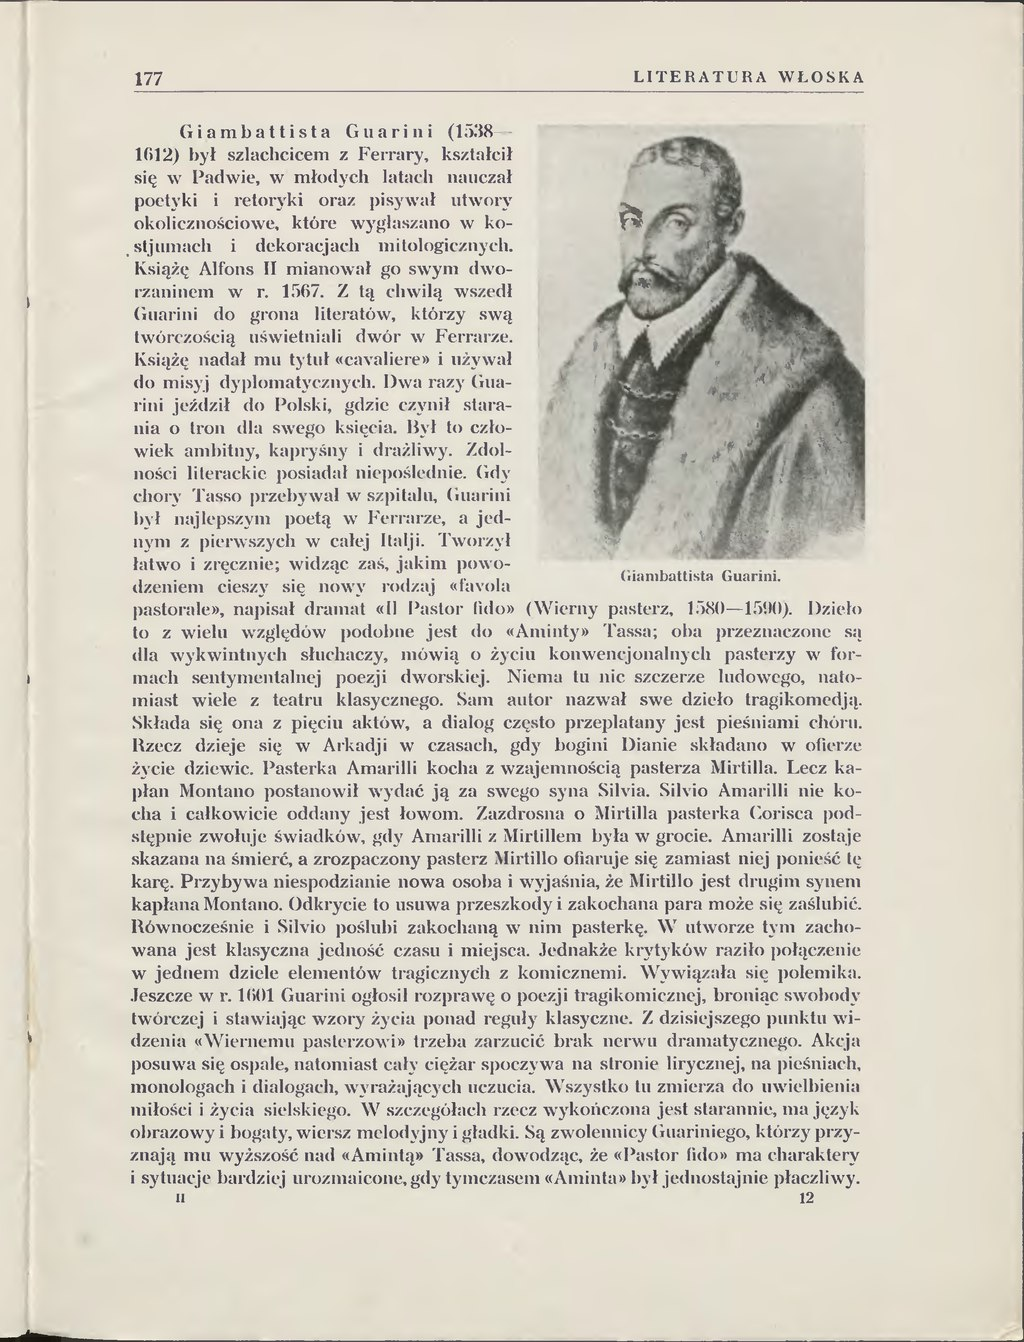 Stronamaurycy Mann Literatura Włoskadjvu93 Wikiźródła